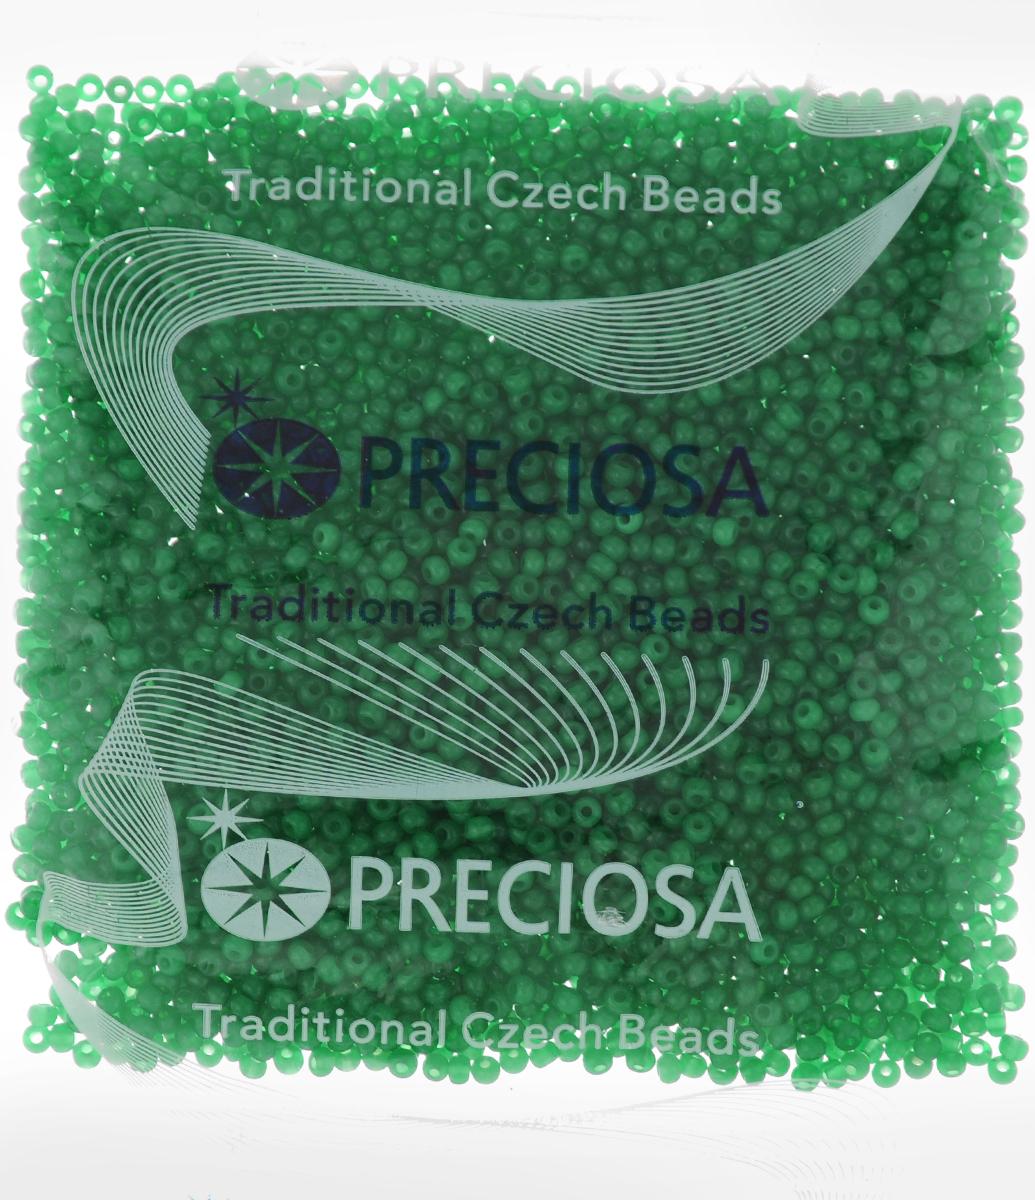 Бисер Preciosa Ассорти, матовый, цвет: шемрок (46), 10/0, 50 г. 163142163142_46_зеленыйБисер Preciosa Ассорти, изготовленный из стекла круглой формы, позволит вам своими руками создать оригинальные ожерелья, бусы или браслеты, а также заняться вышиванием. В бисероплетении часто используют бисер разных размеров и цветов. Он идеально подойдет для вышивания на предметах быта и женской одежде. Изготовление украшений - занимательное хобби и реализация творческих способностей рукодельницы, это возможность создания неповторимого индивидуального подарка.